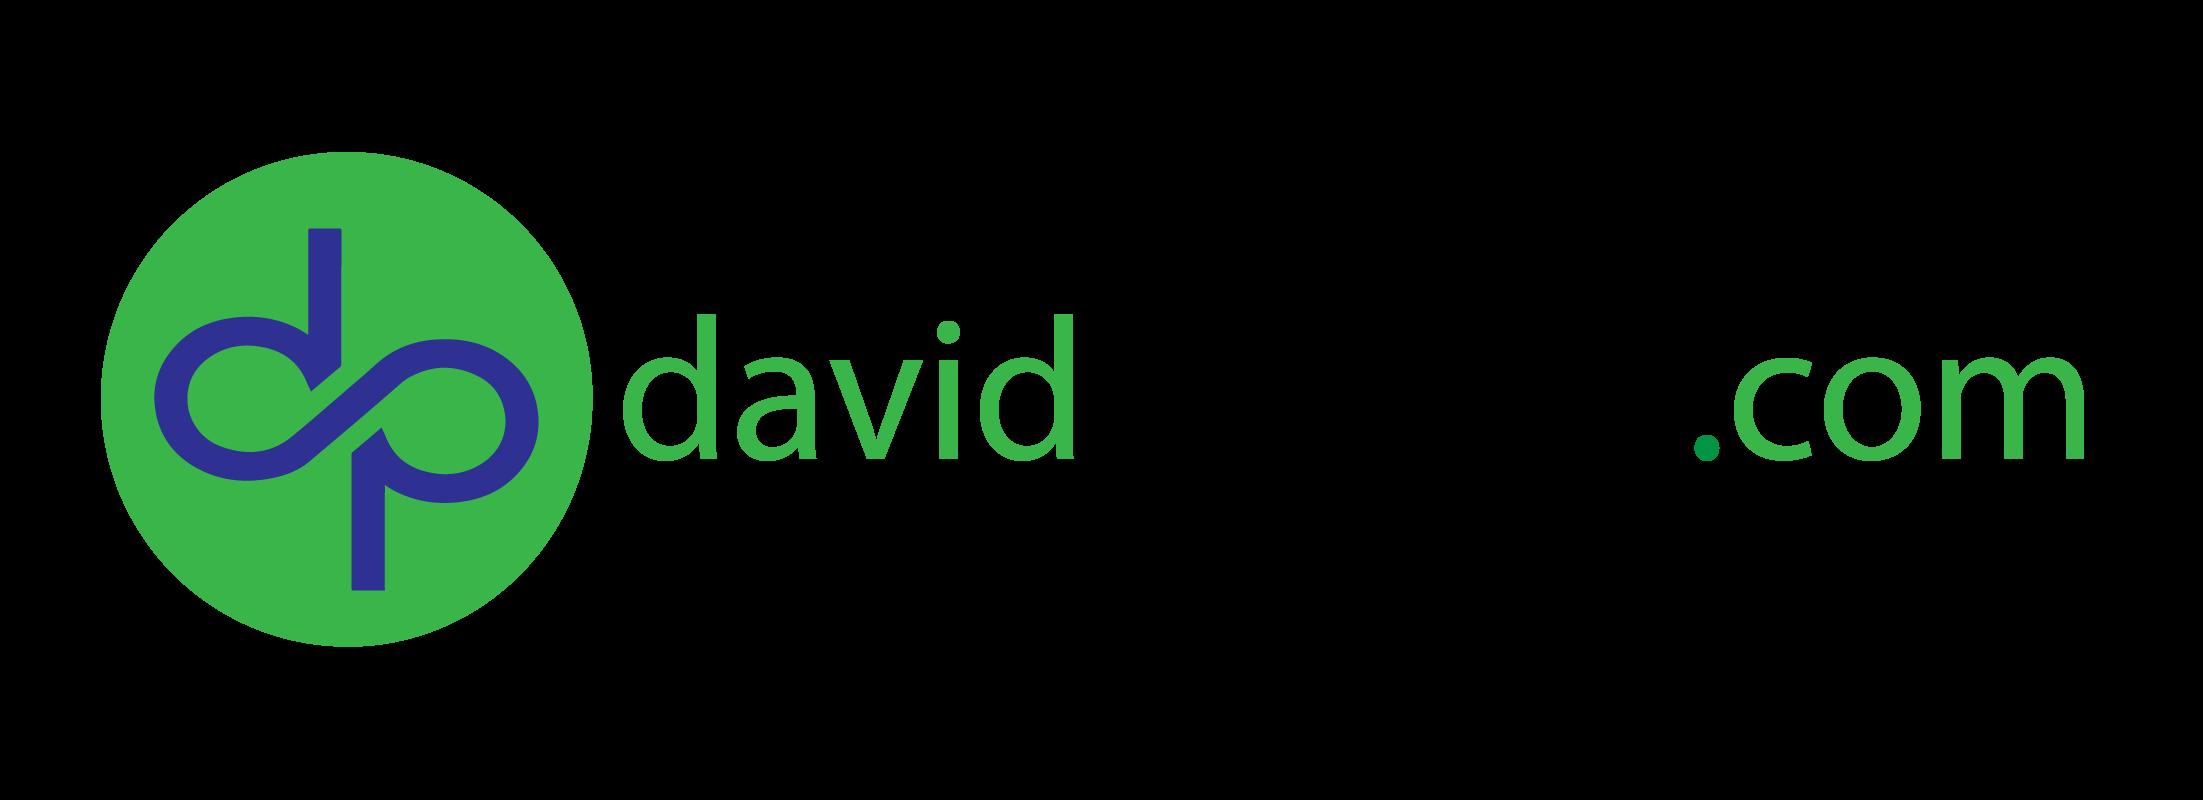 davidpotach.com